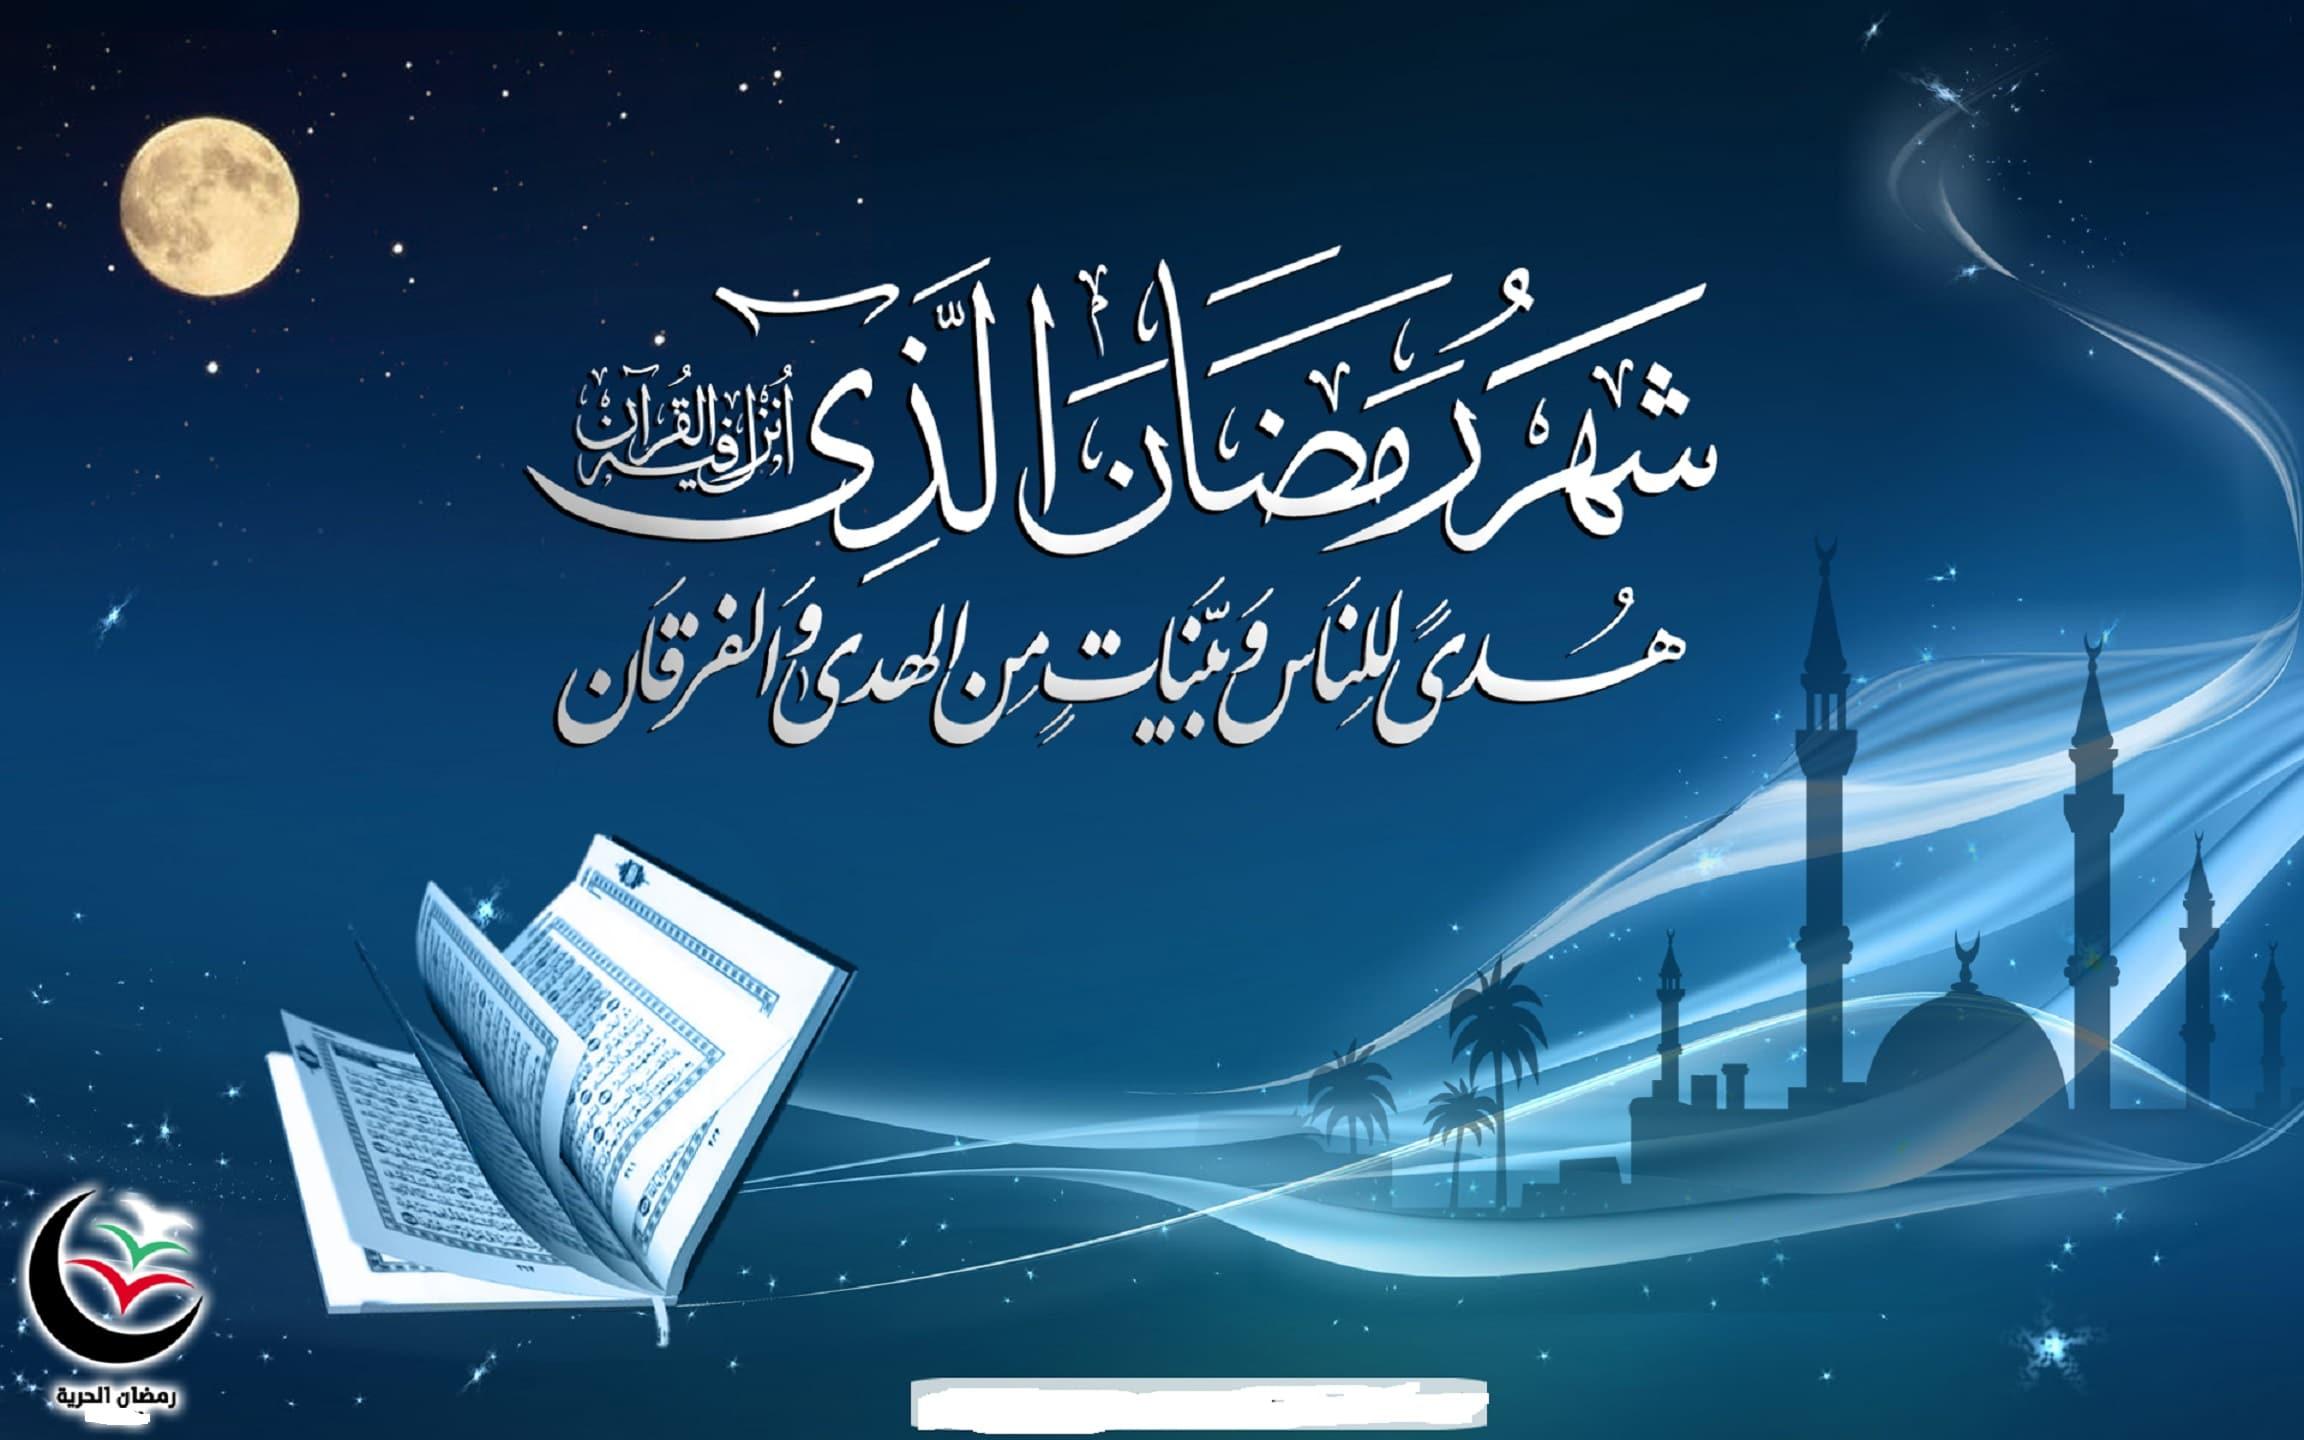 صورة شهر رمضان 2019 , شهر الصيام 2019